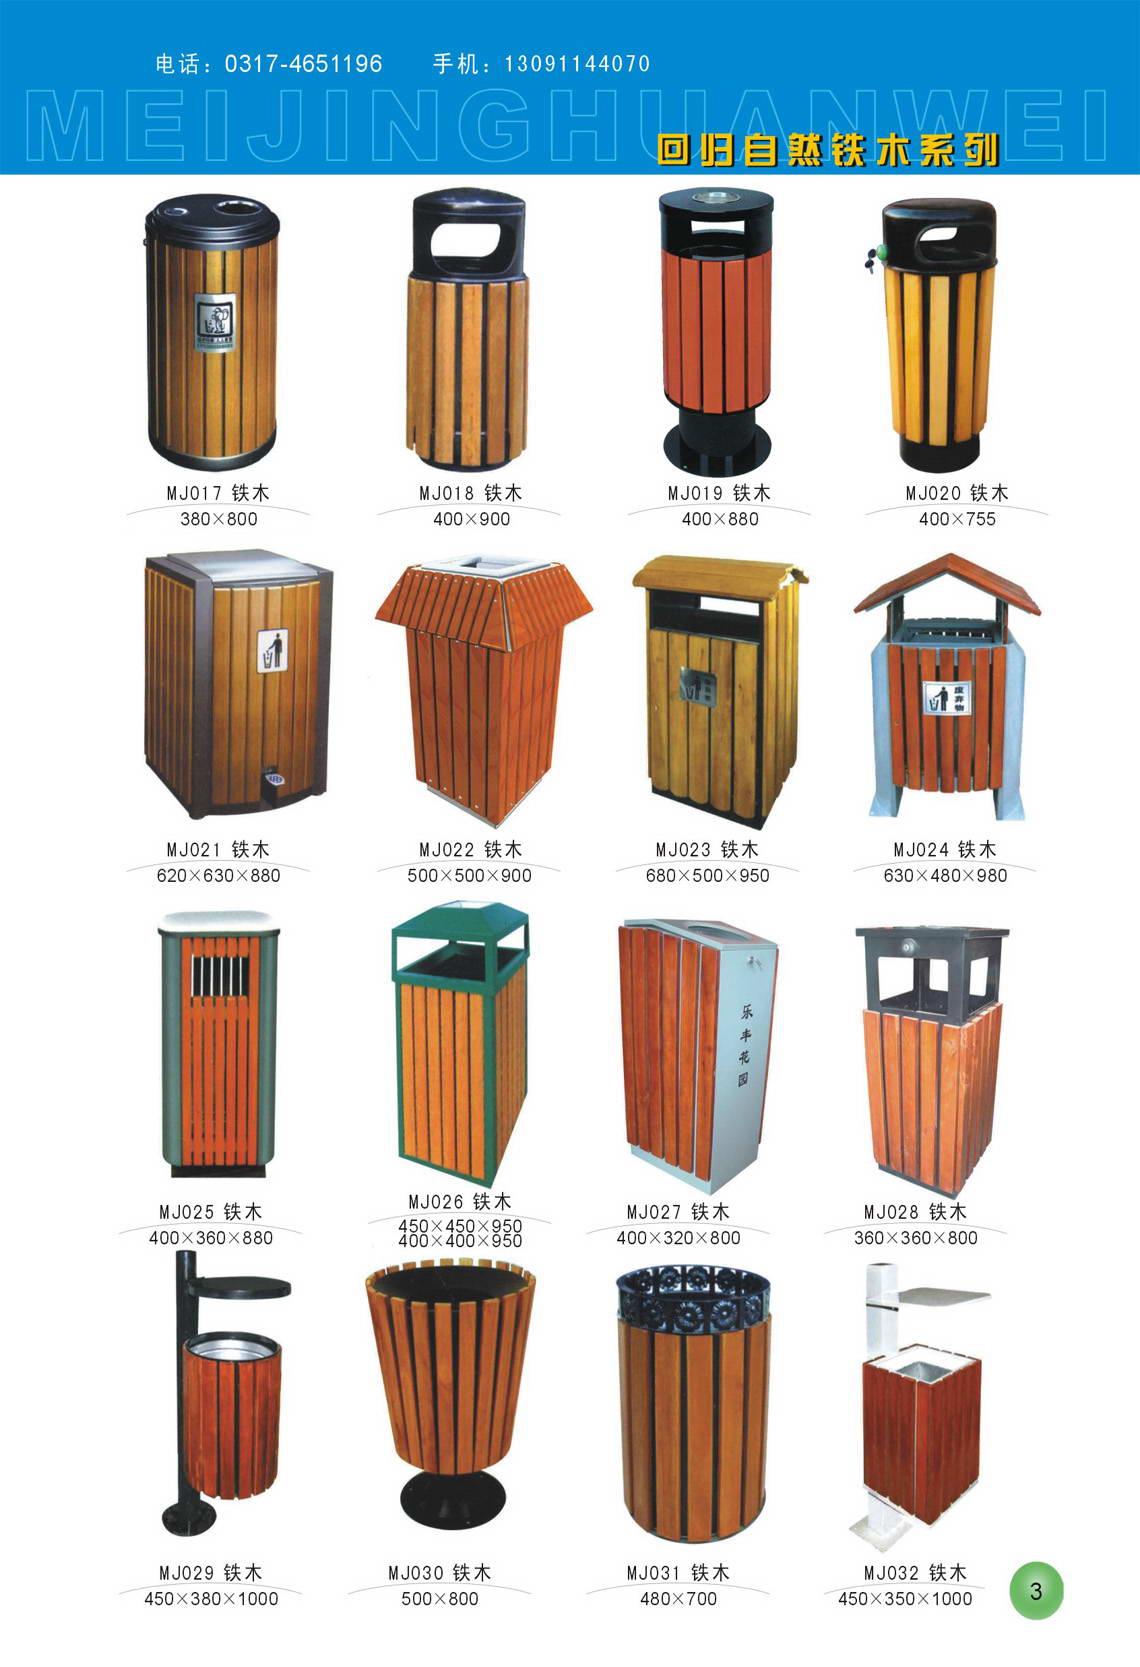 垃圾桶图画设计图展示图片